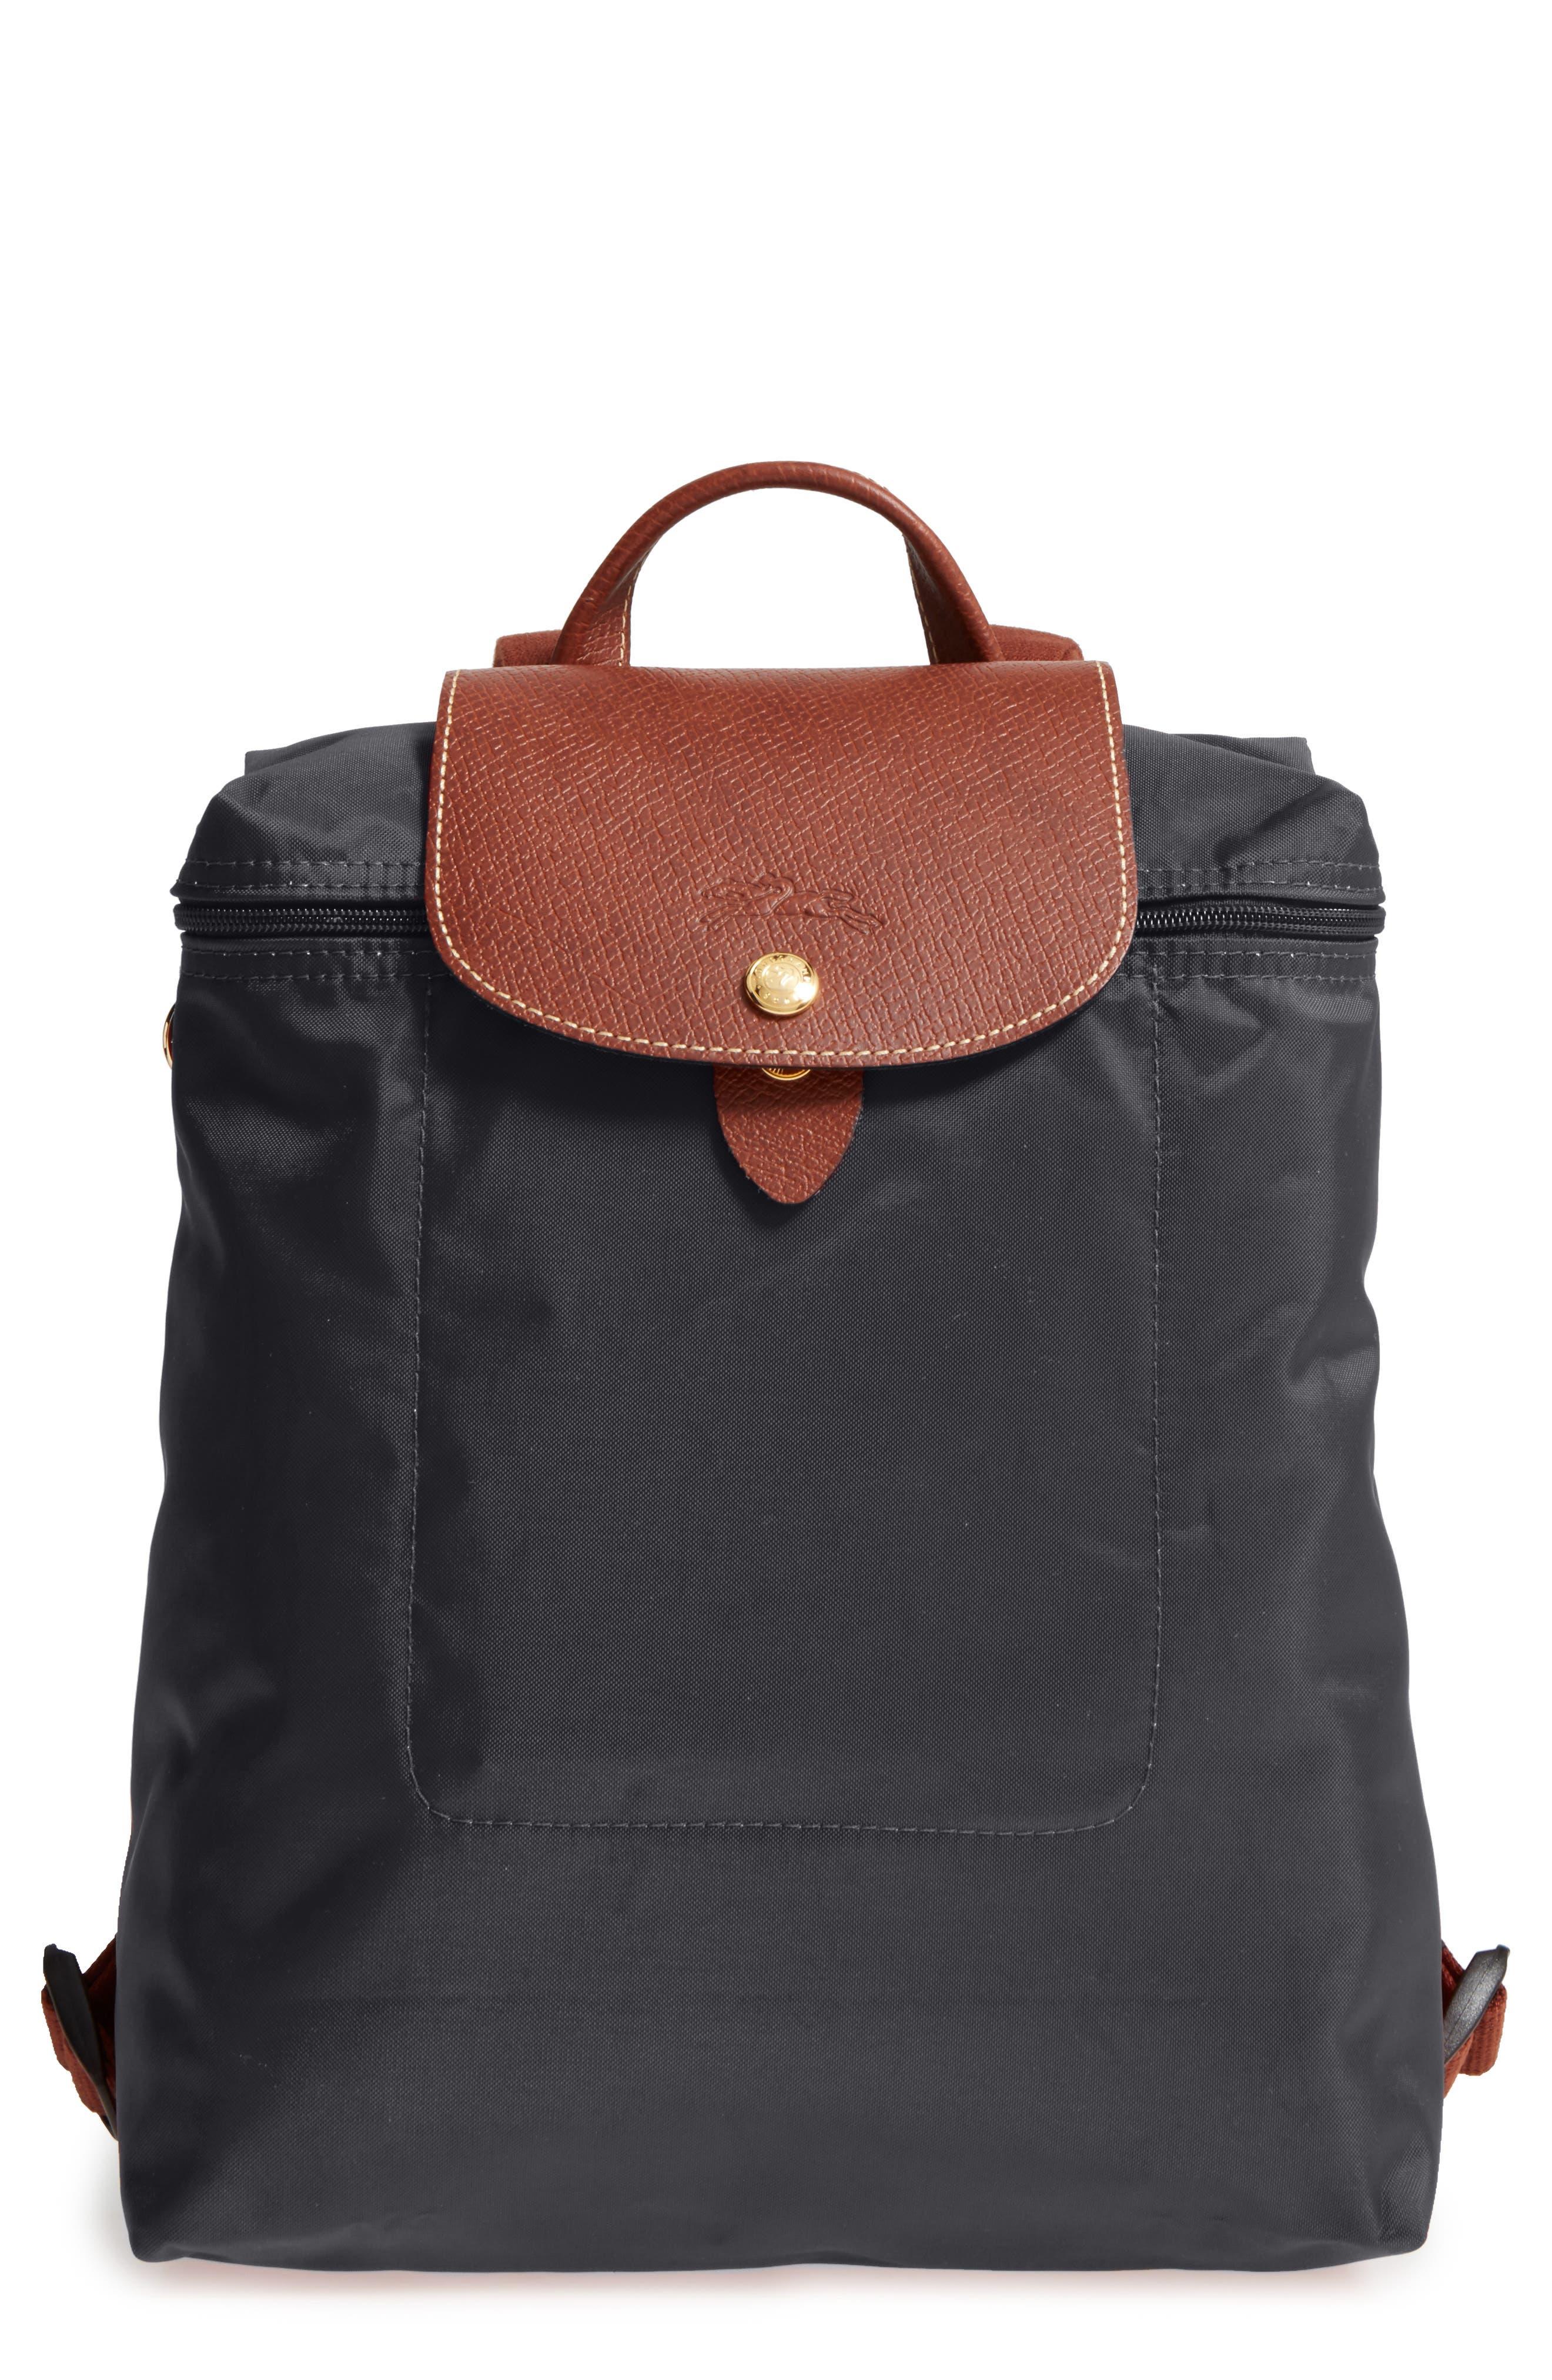 LONGCHAMP 'Le Pliage' Backpack, Main, color, GUNMETAL